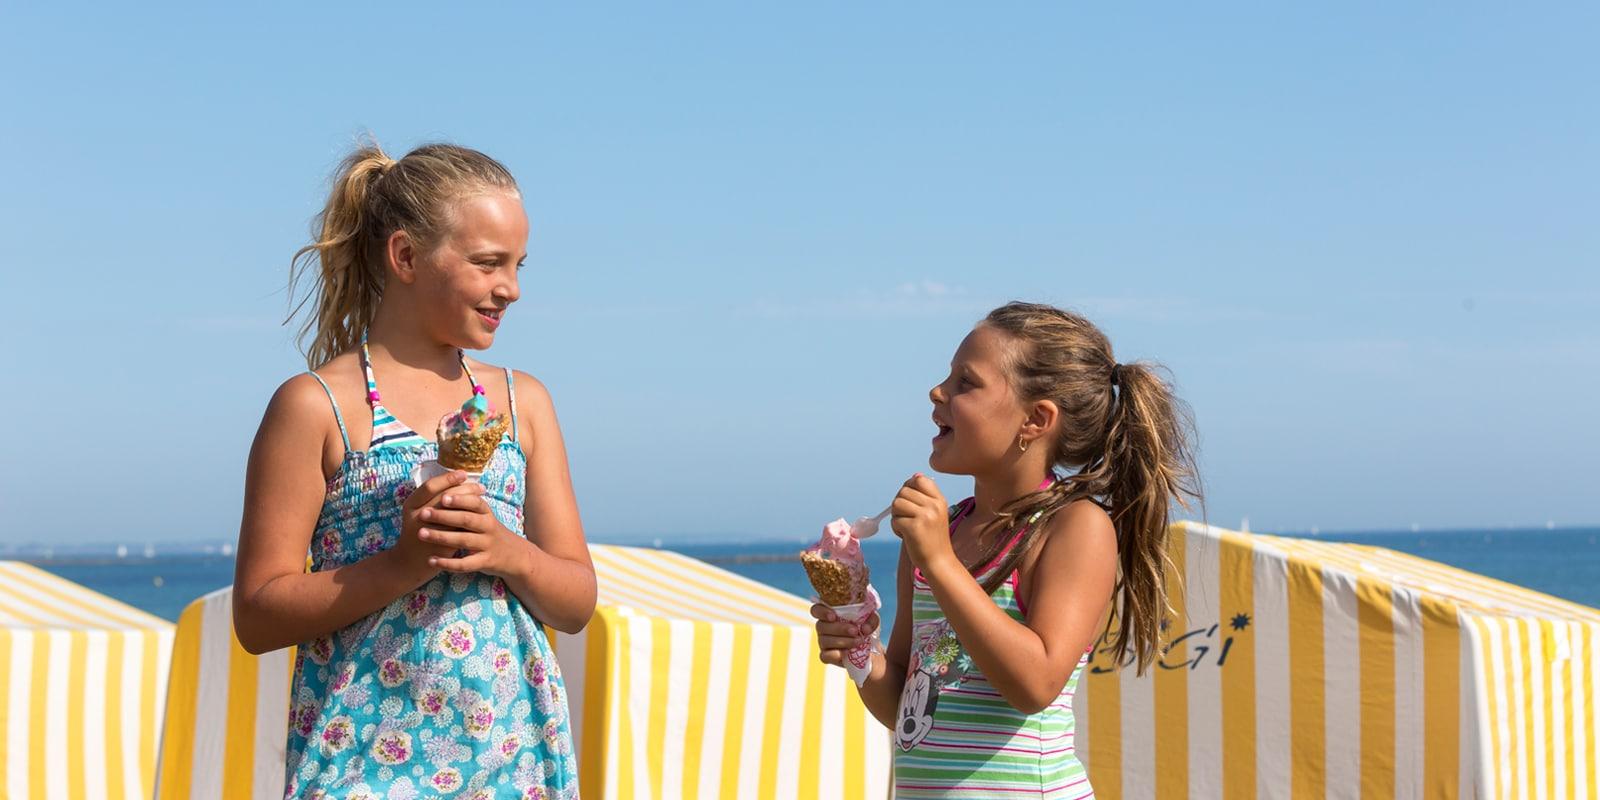 Enfants avec une glace sur la plage à Carnac et d'autres idées de gastronomie